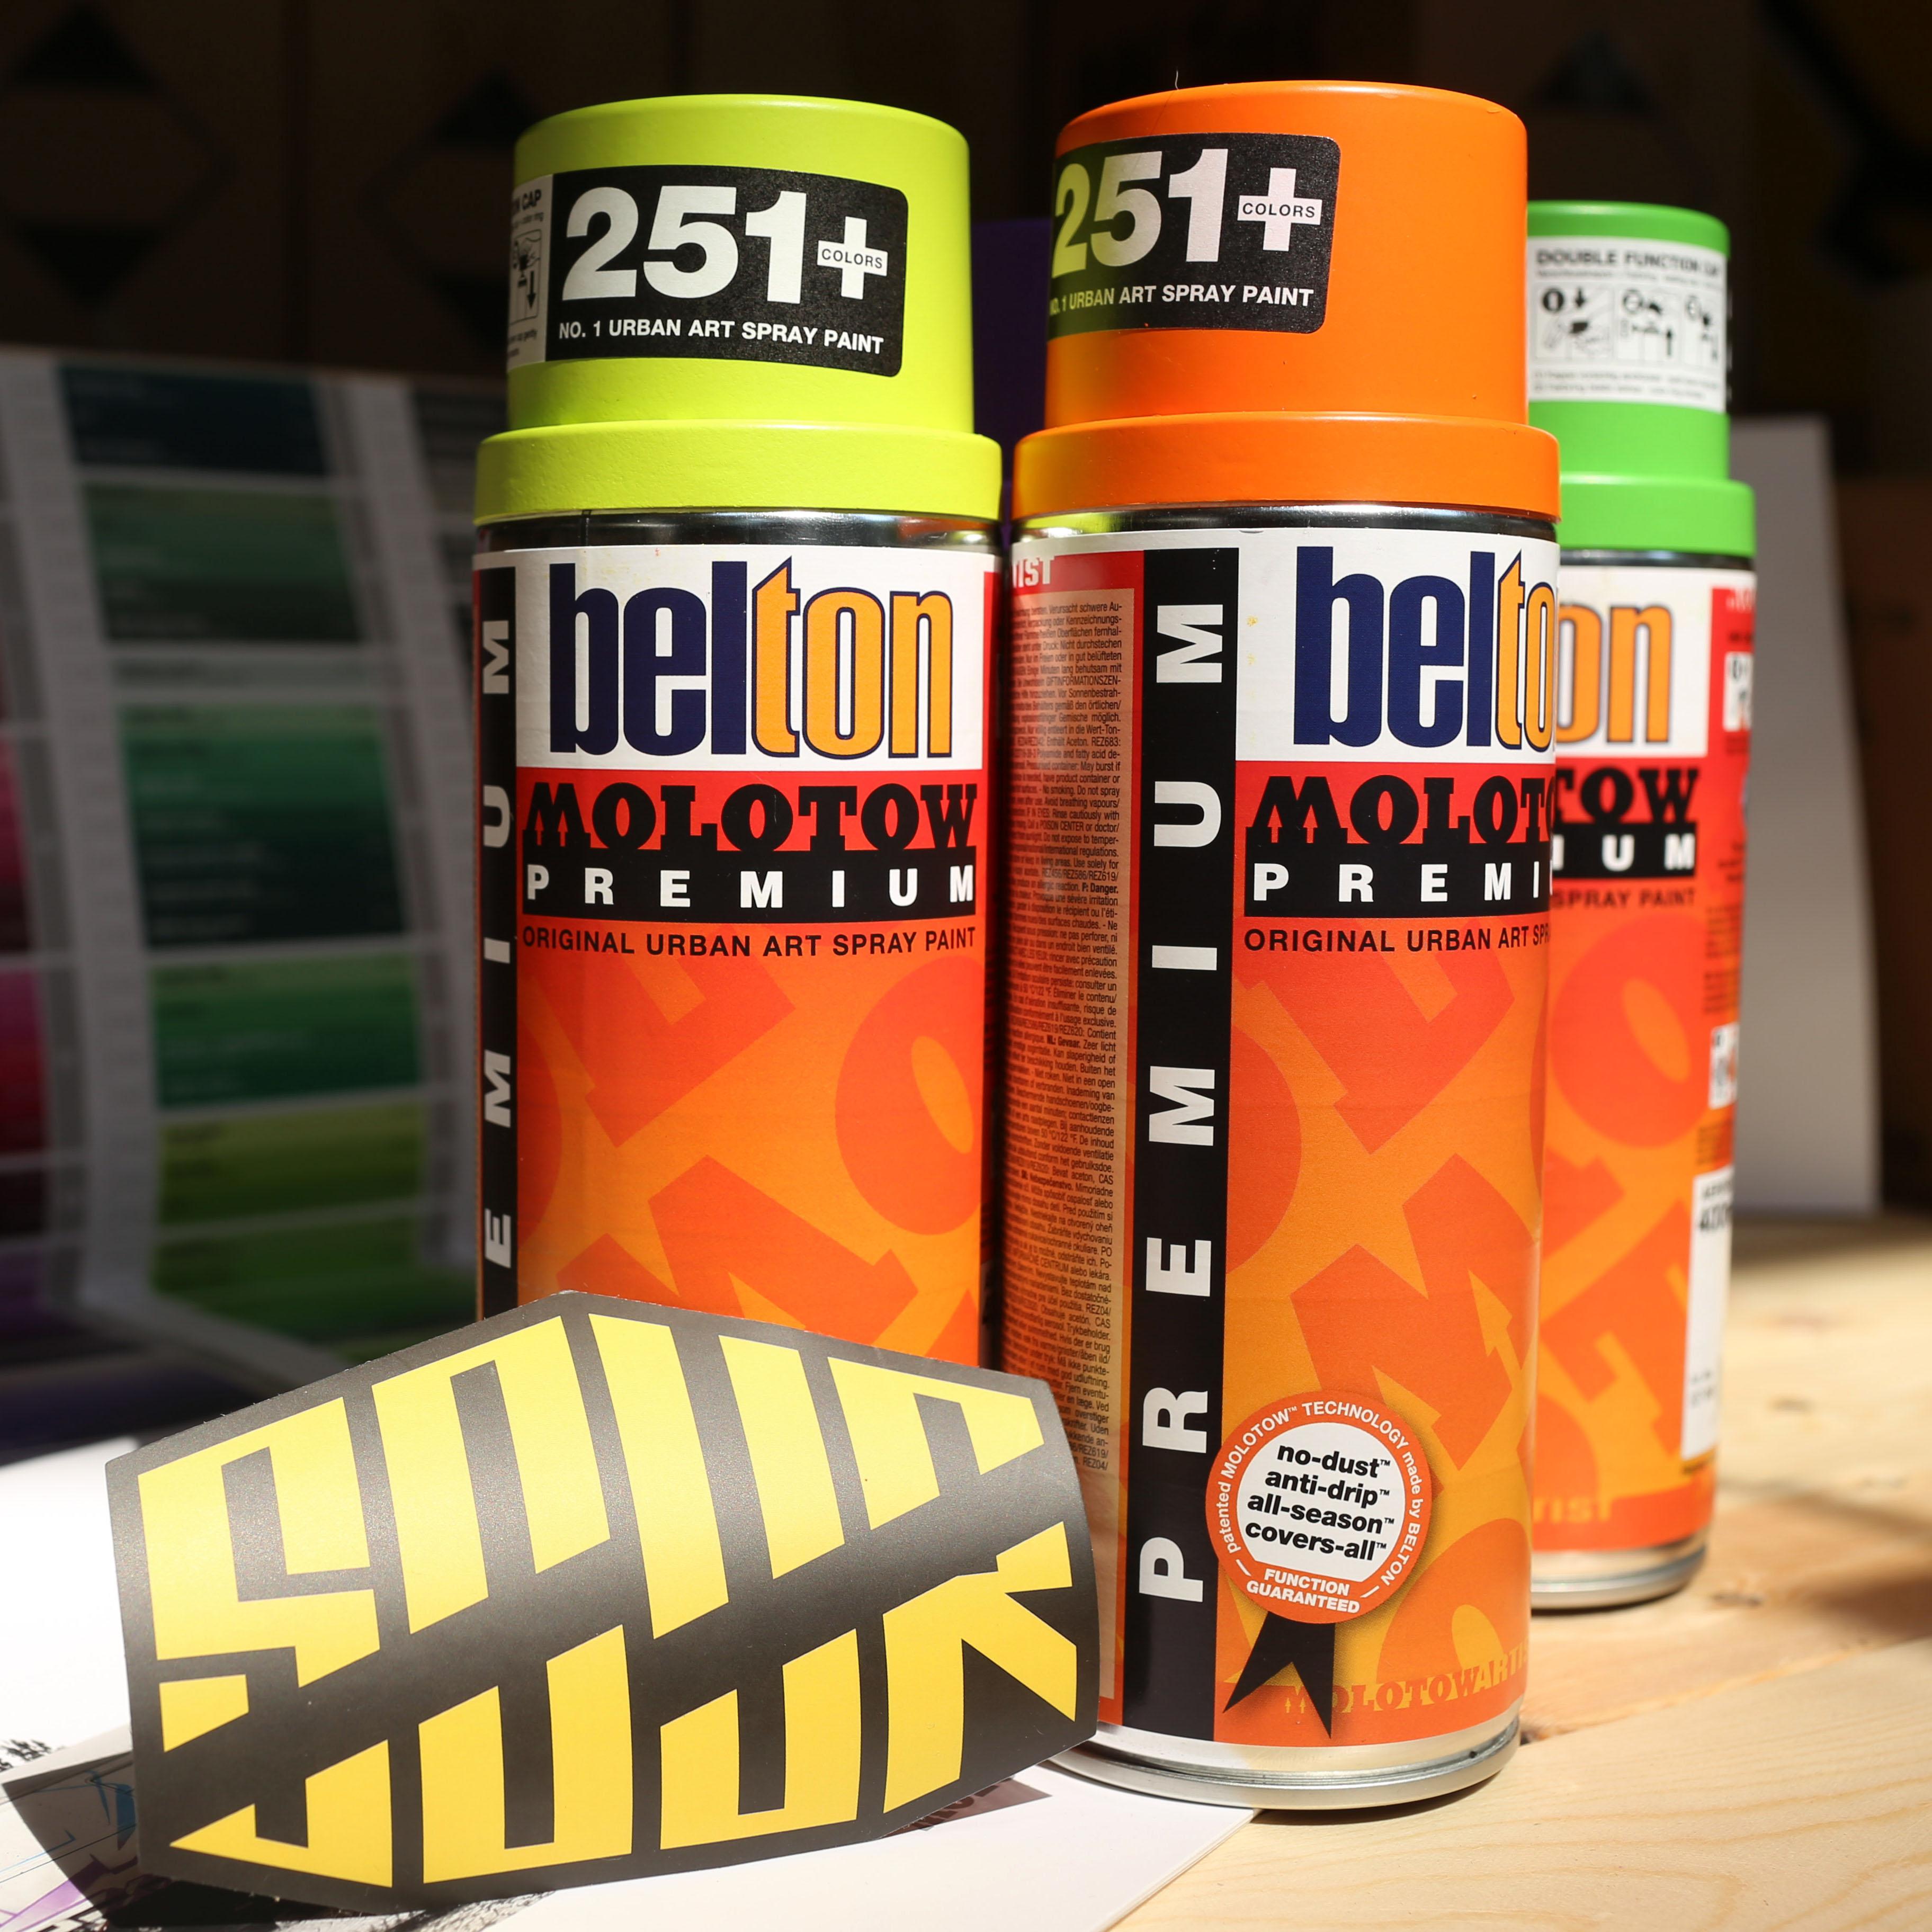 MOLOTOW | BELTON PREMIUM импорт из германии специальность граффити окраска распылением | супер крышка | 251 цвет